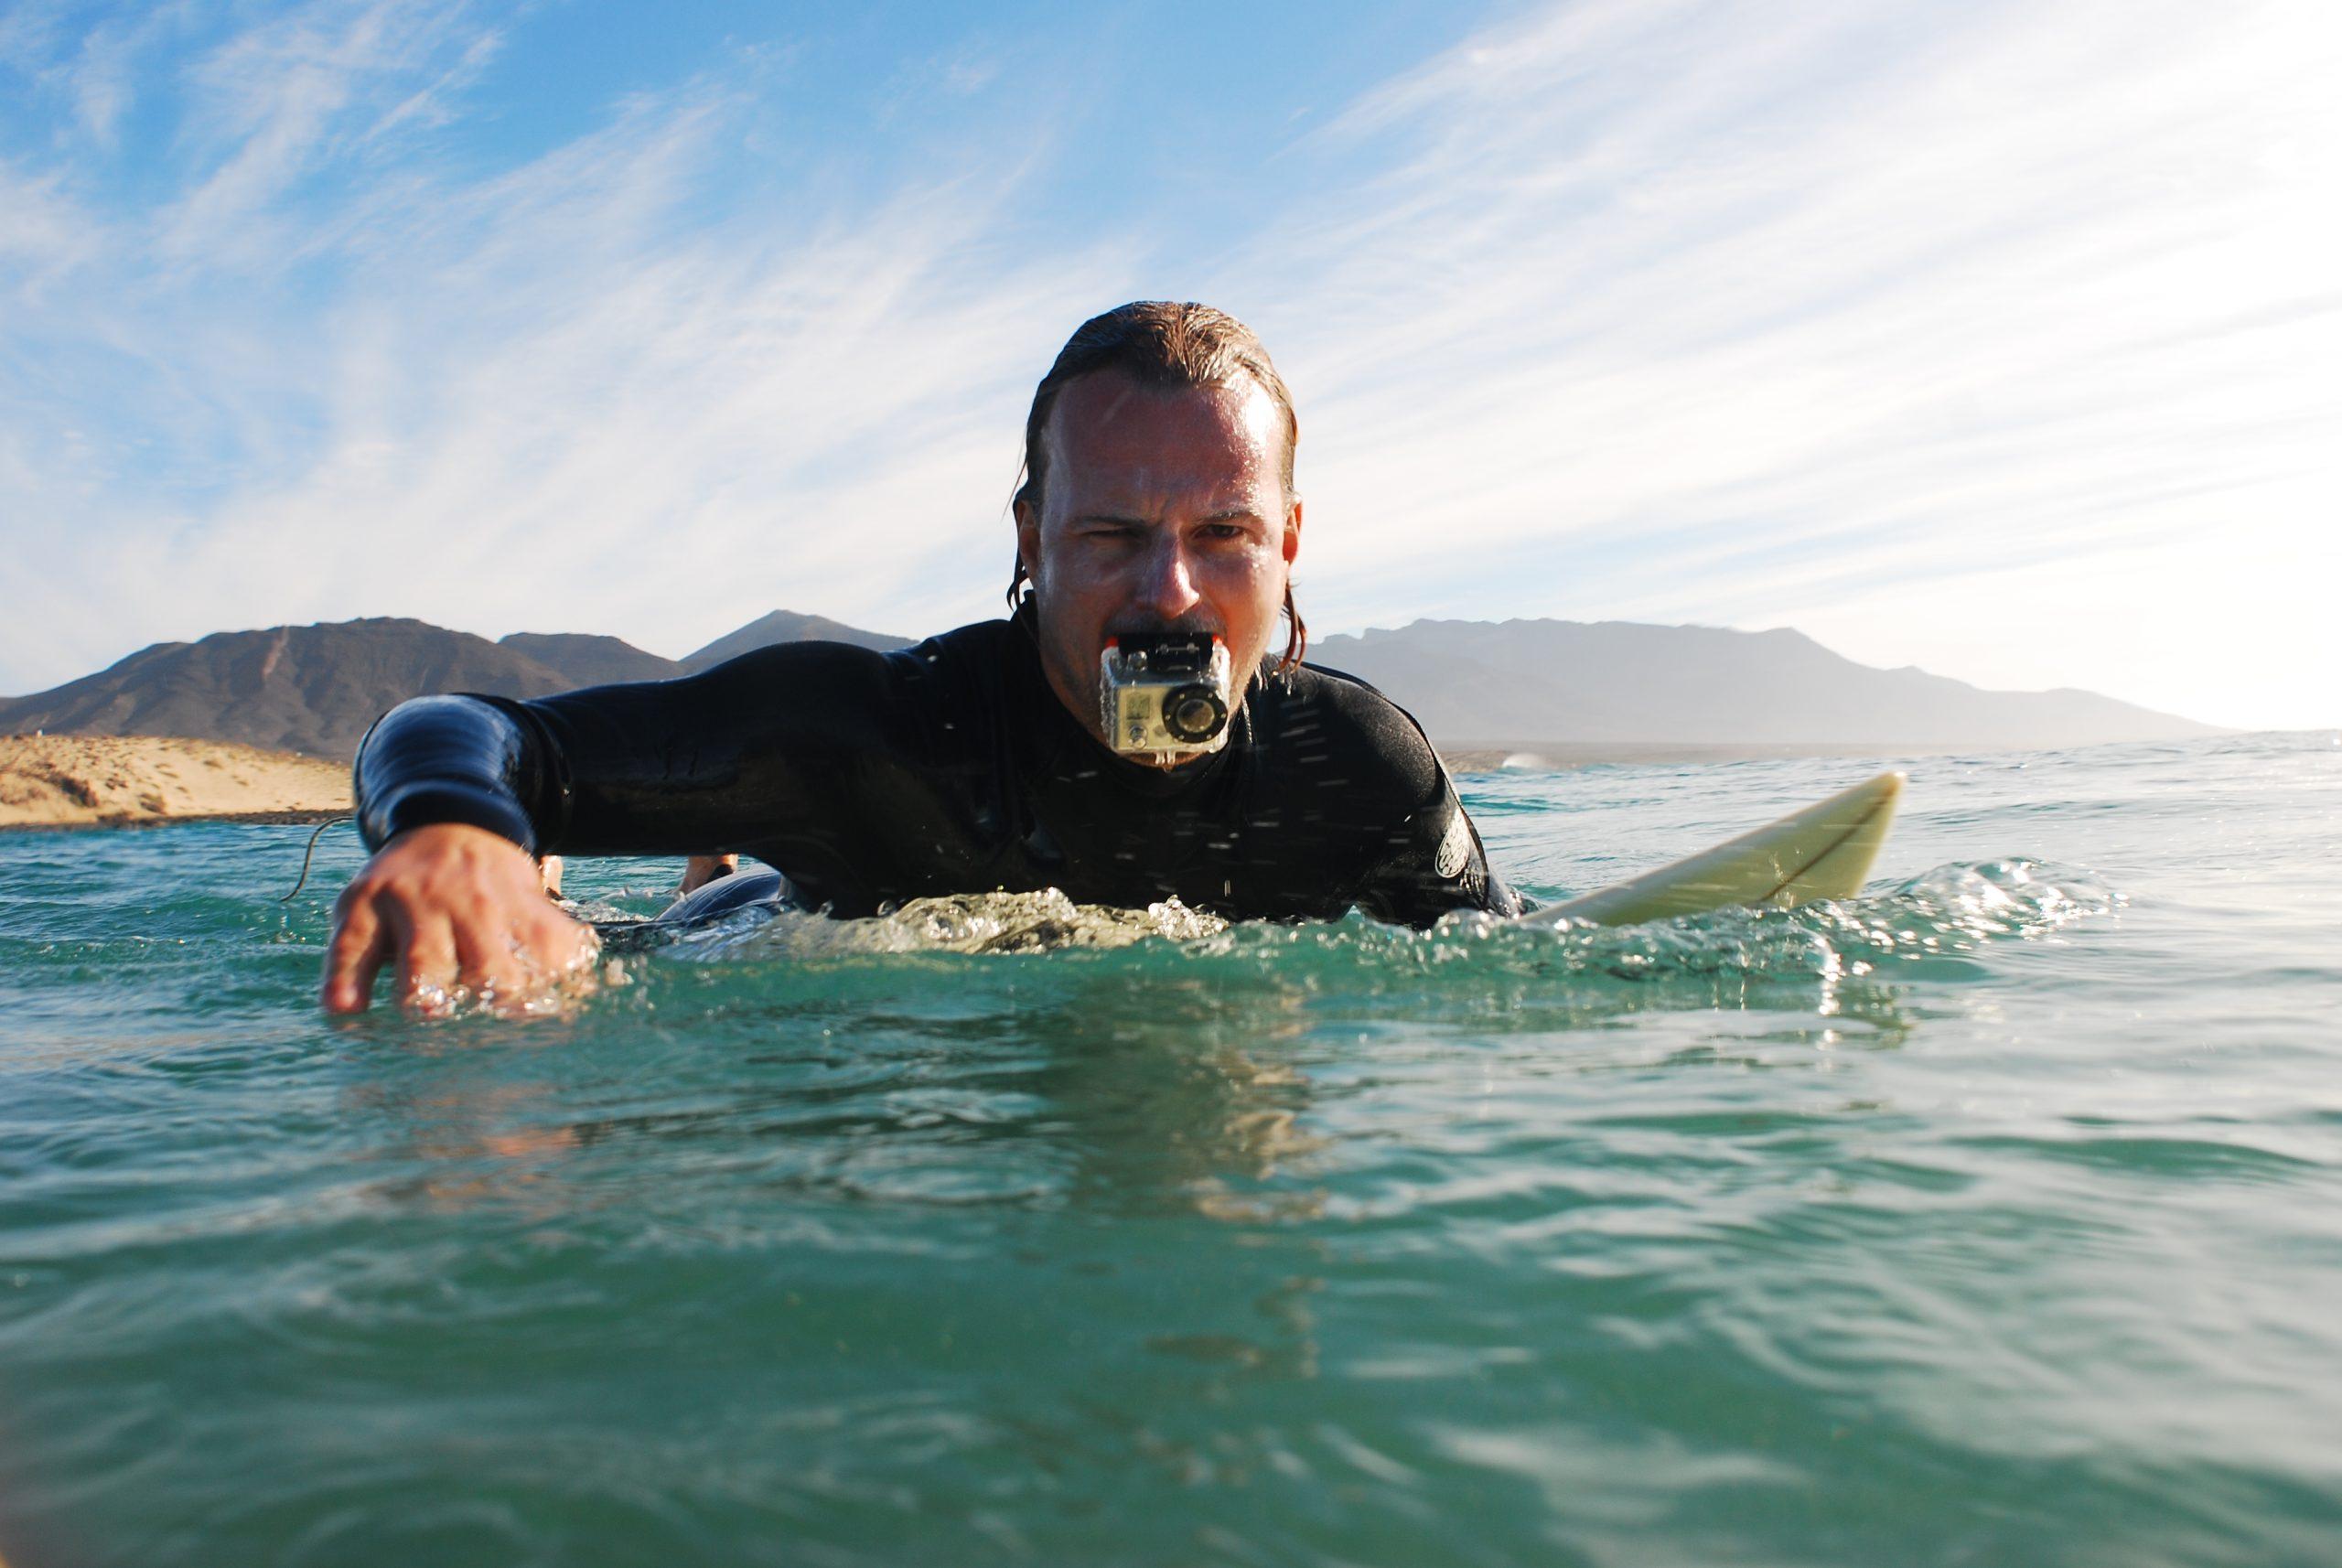 Christof Uhlmann auf dem Surfbrett